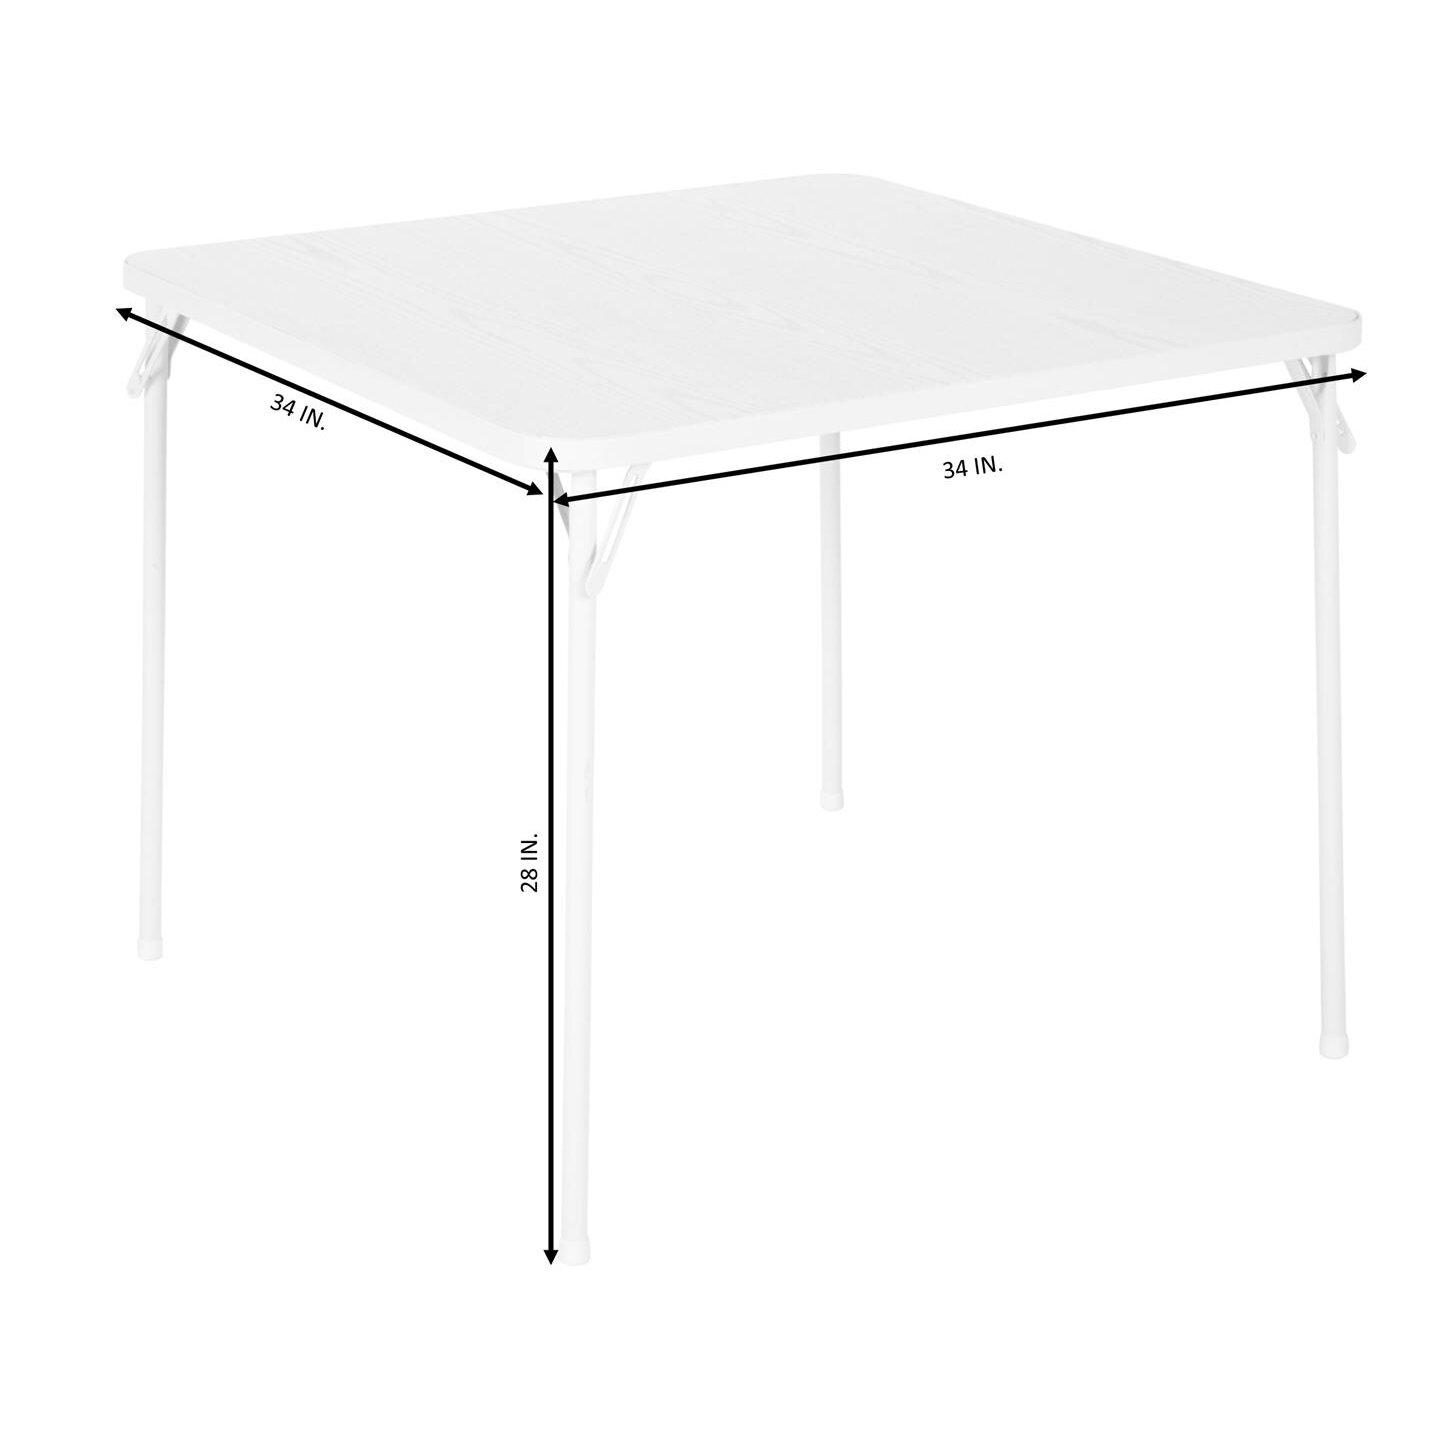 Square folding tables - 34 Square Folding Table